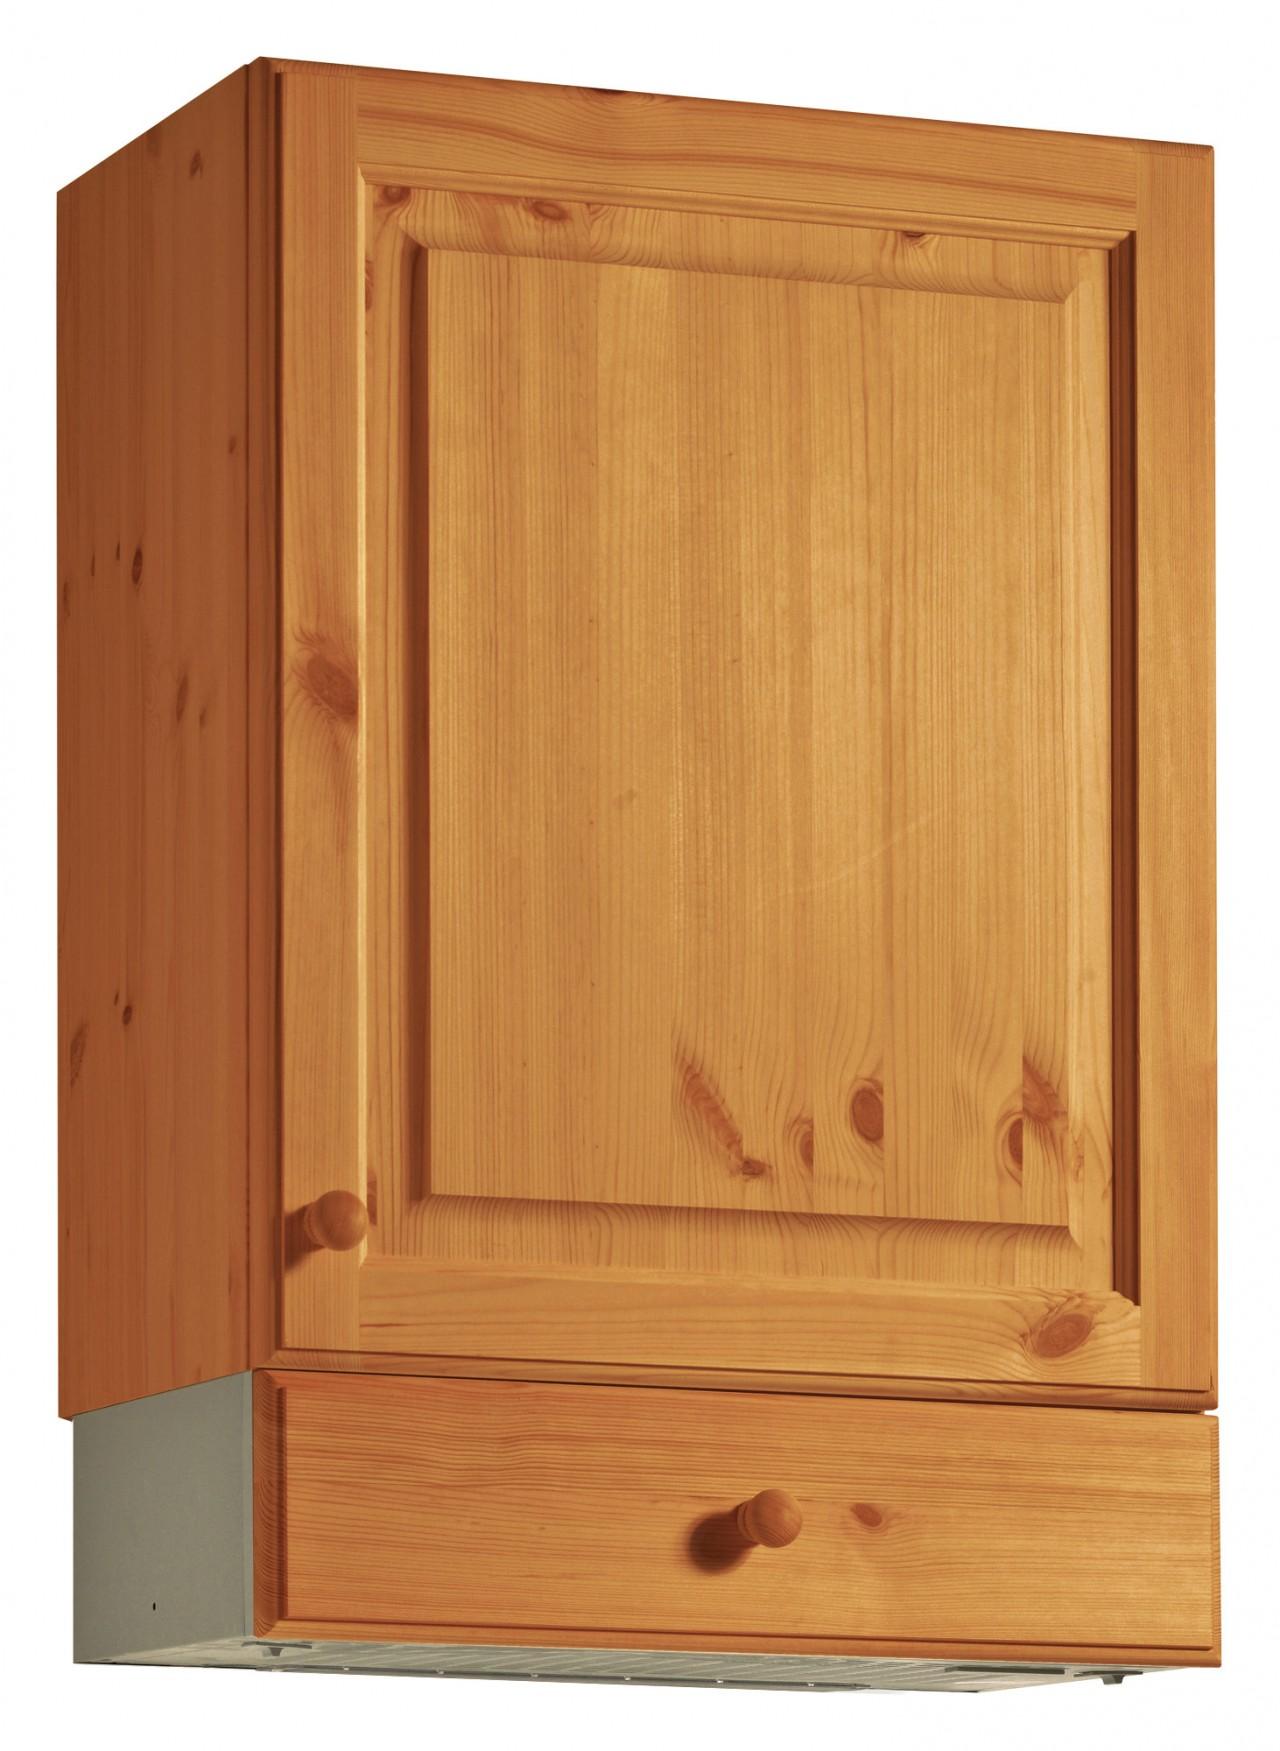 Scrivania porta pc mondo convenienza - Ikea pensili cucina scolapiatti ...